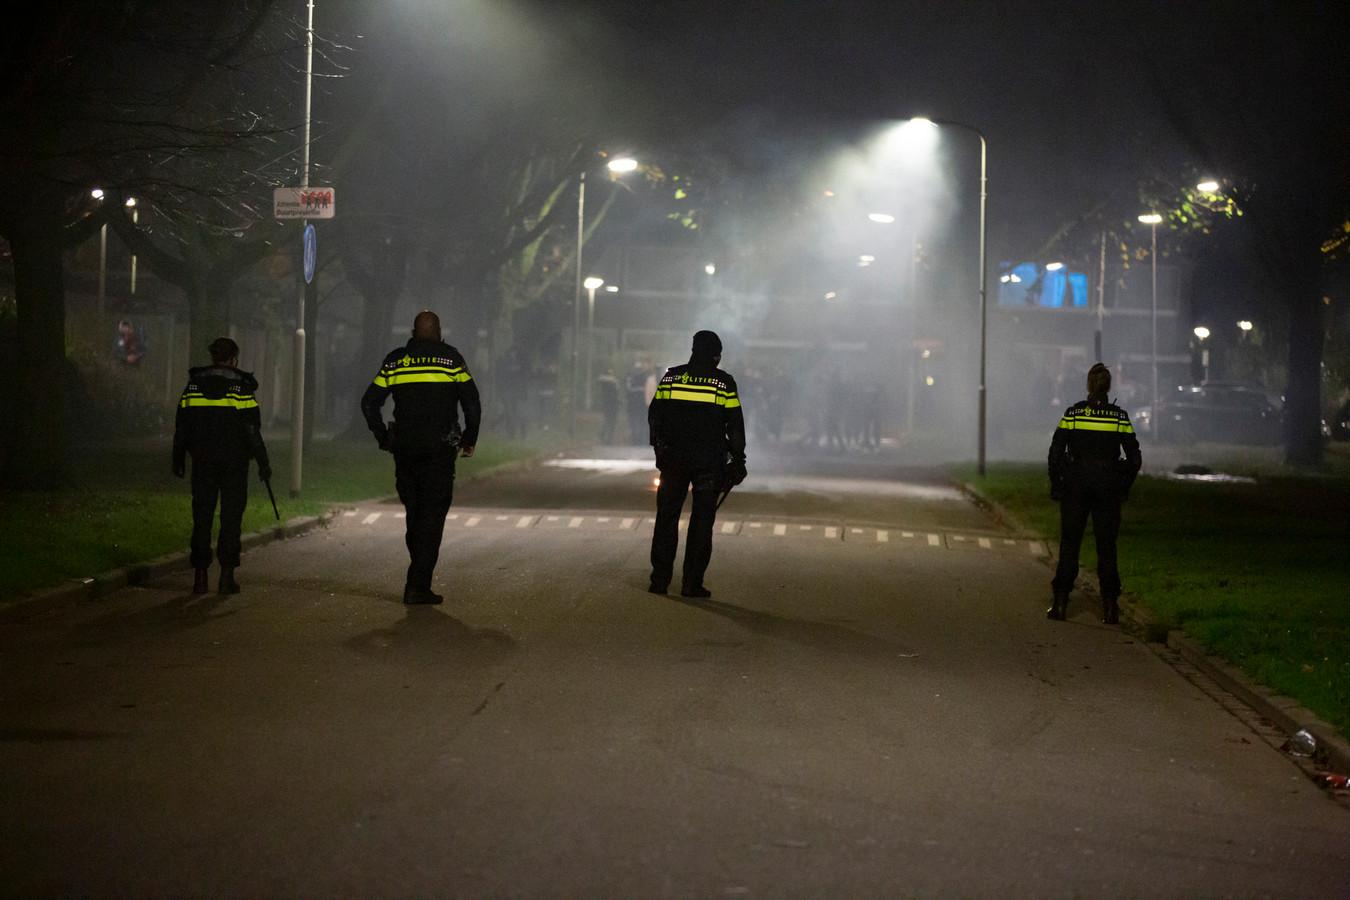 De politie had maandagavond de grootste moeite de jeugd in de Roosendaalse wijk Langdonk in bedwang te houden.